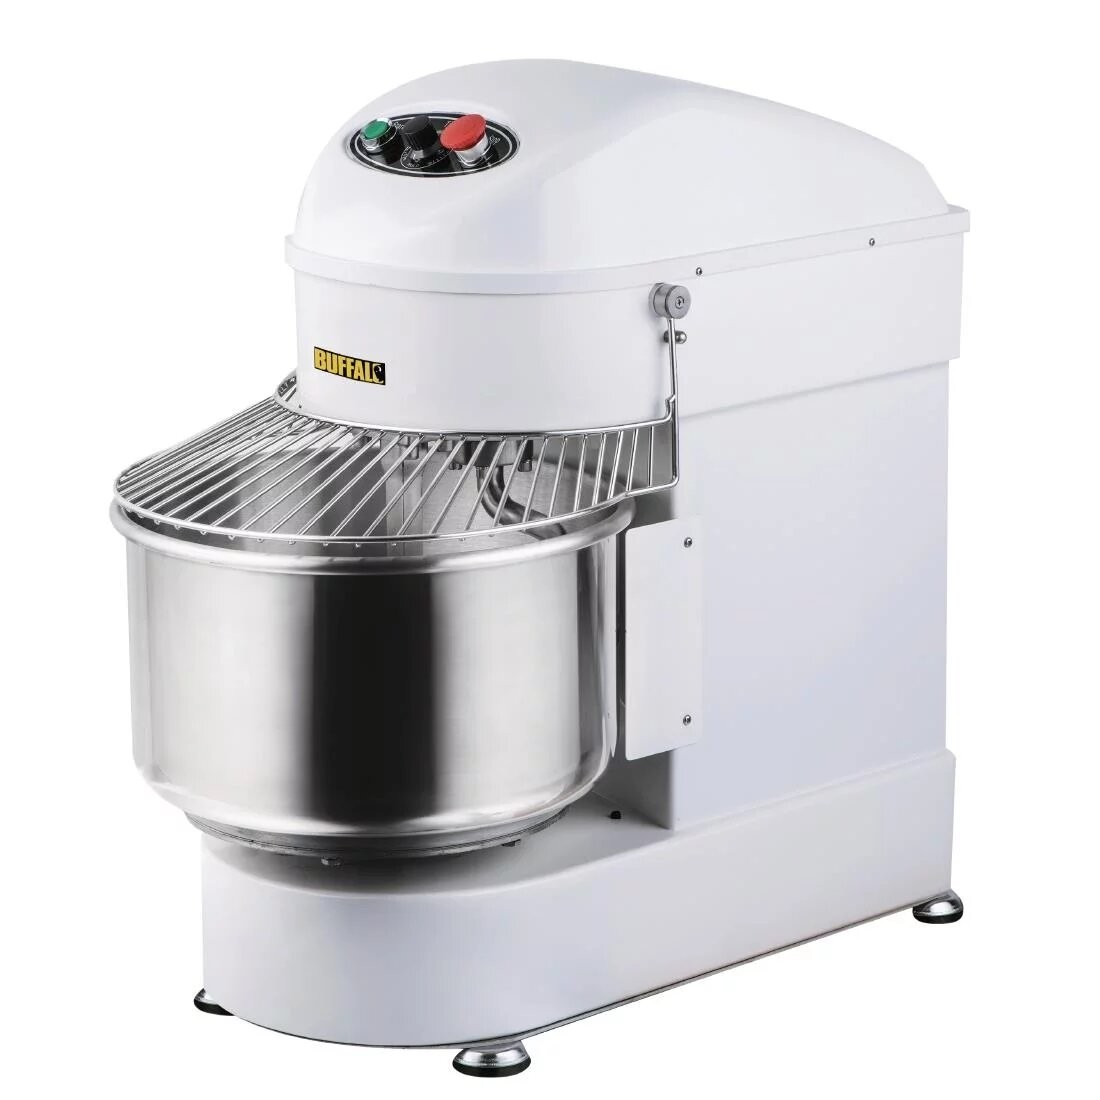 Buffalo CP821 Single Speed 20 Litre Spiral Dough Mixer